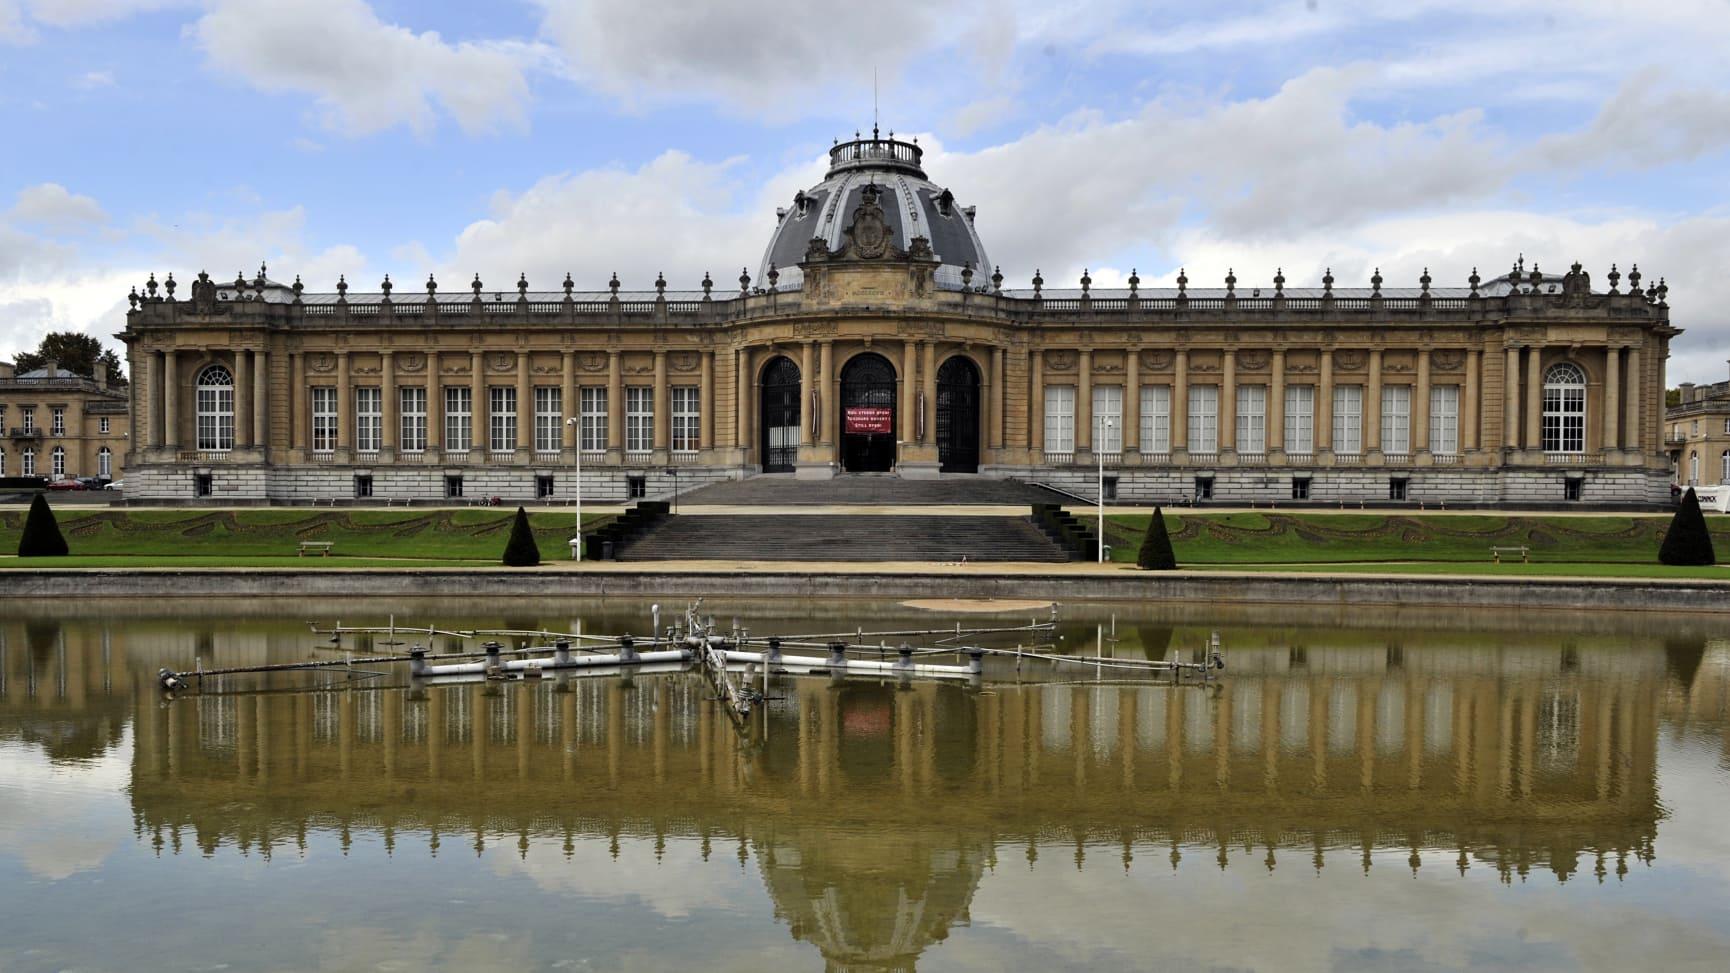 افتتاح متحف بلجيكي استعماري وسط احتجاجات لإعادة قطعه الأثرية لموطنها